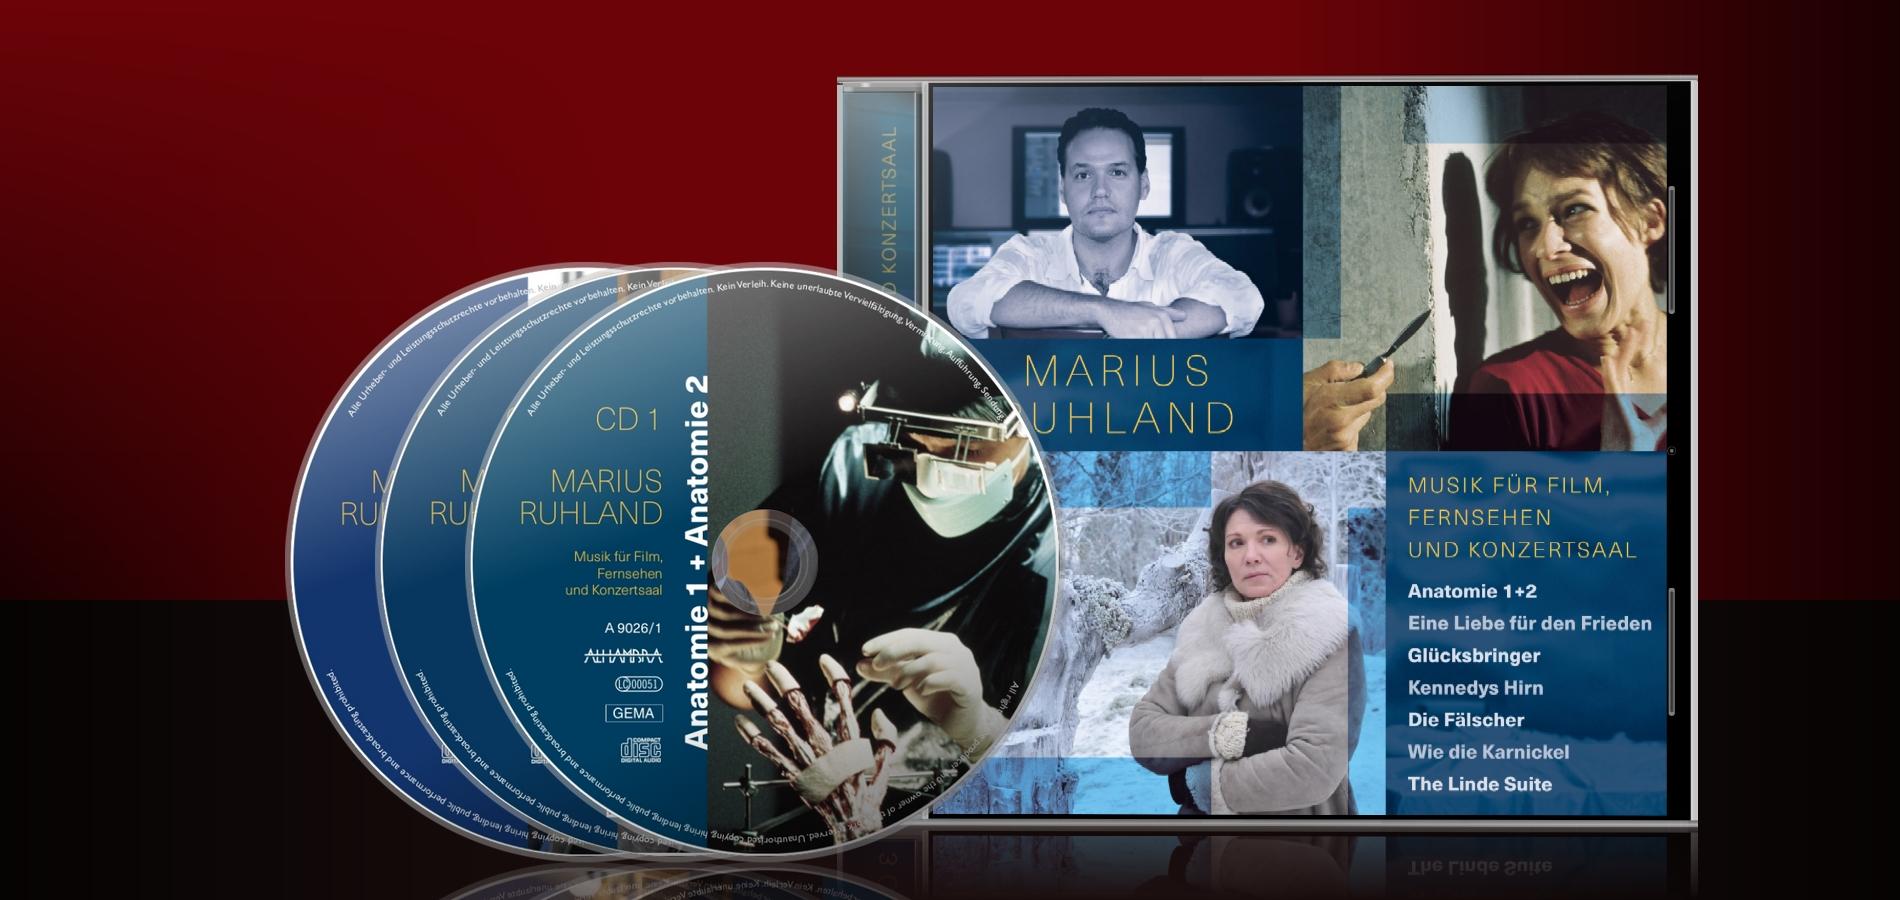 Marius Ruhland – Musik für Film, Fernsehen und Konzertsaal